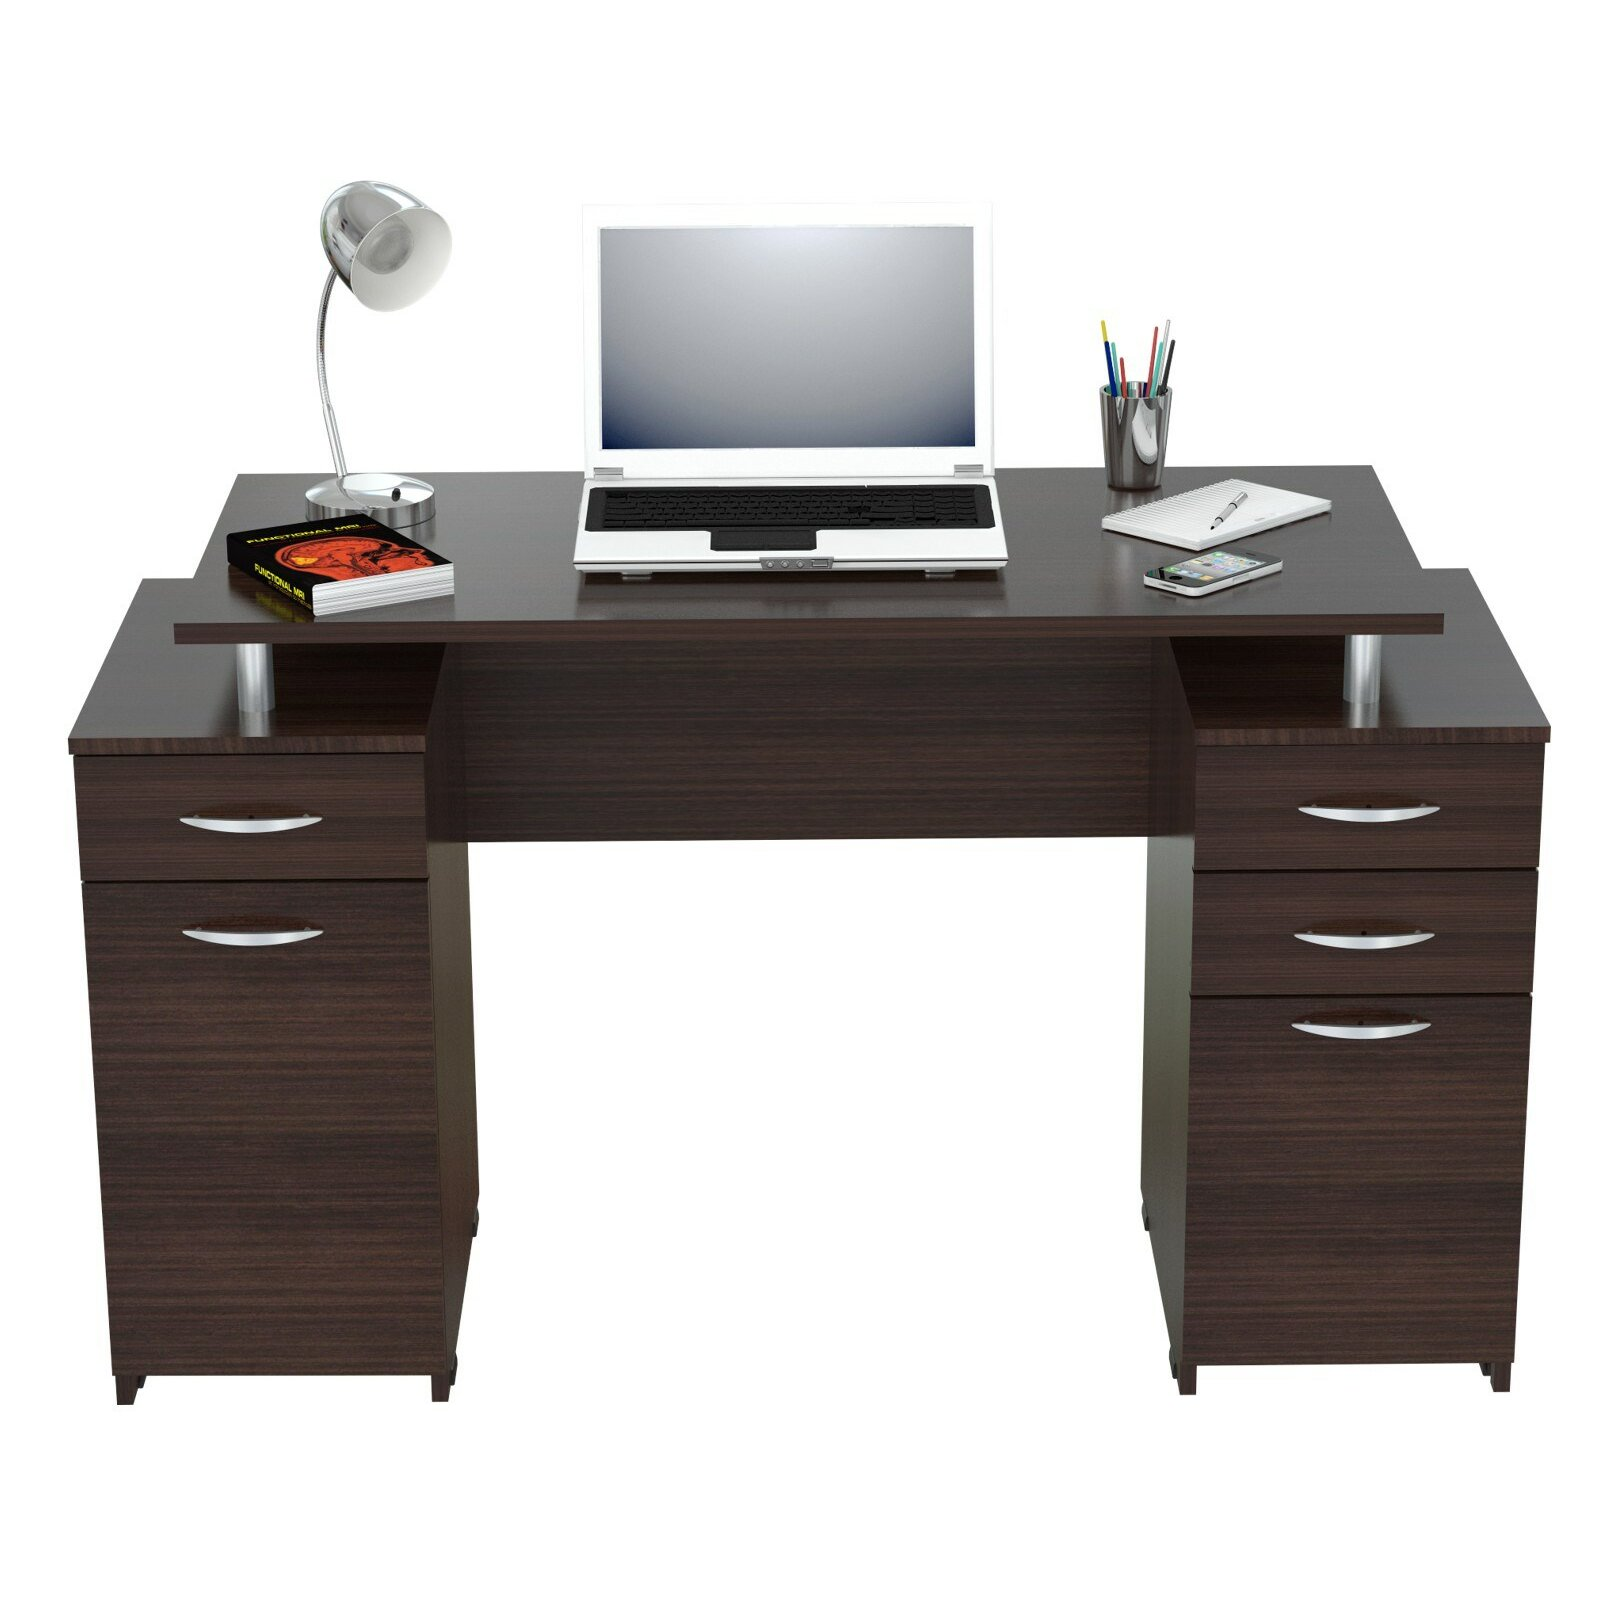 Inval double pedestal computer desk reviews wayfair for Computer desk